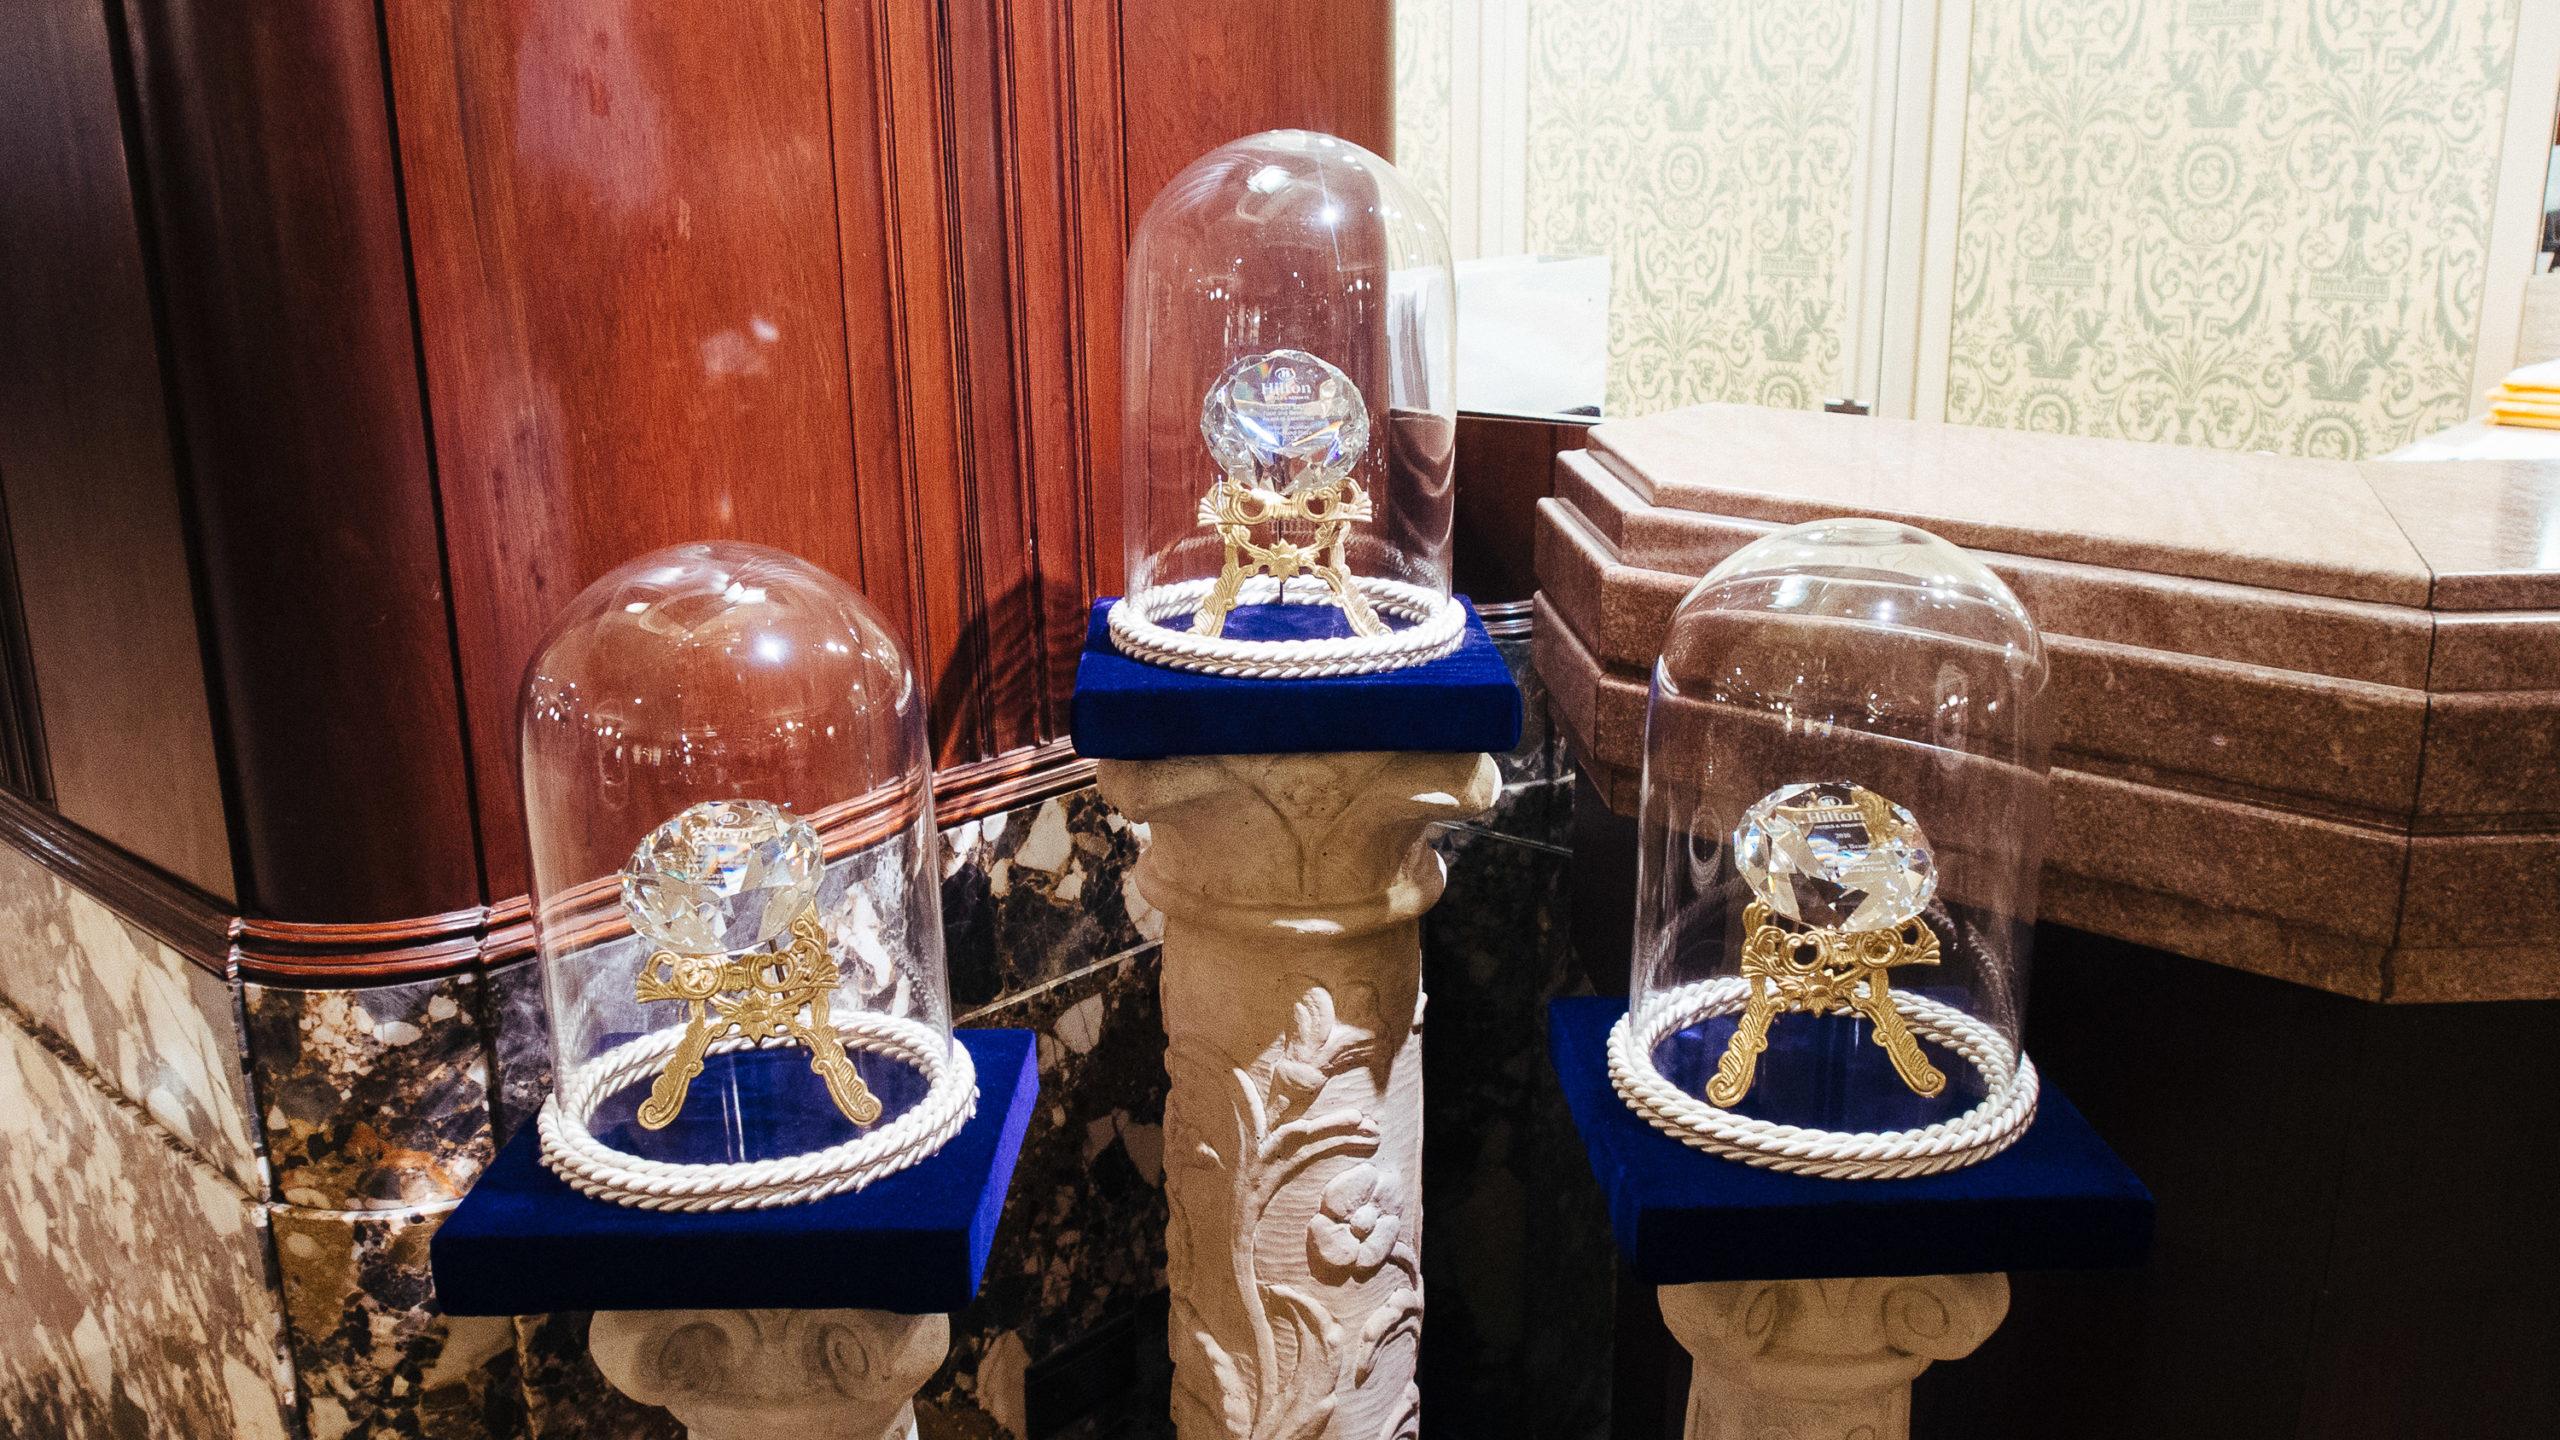 Awards in a hotel lobby